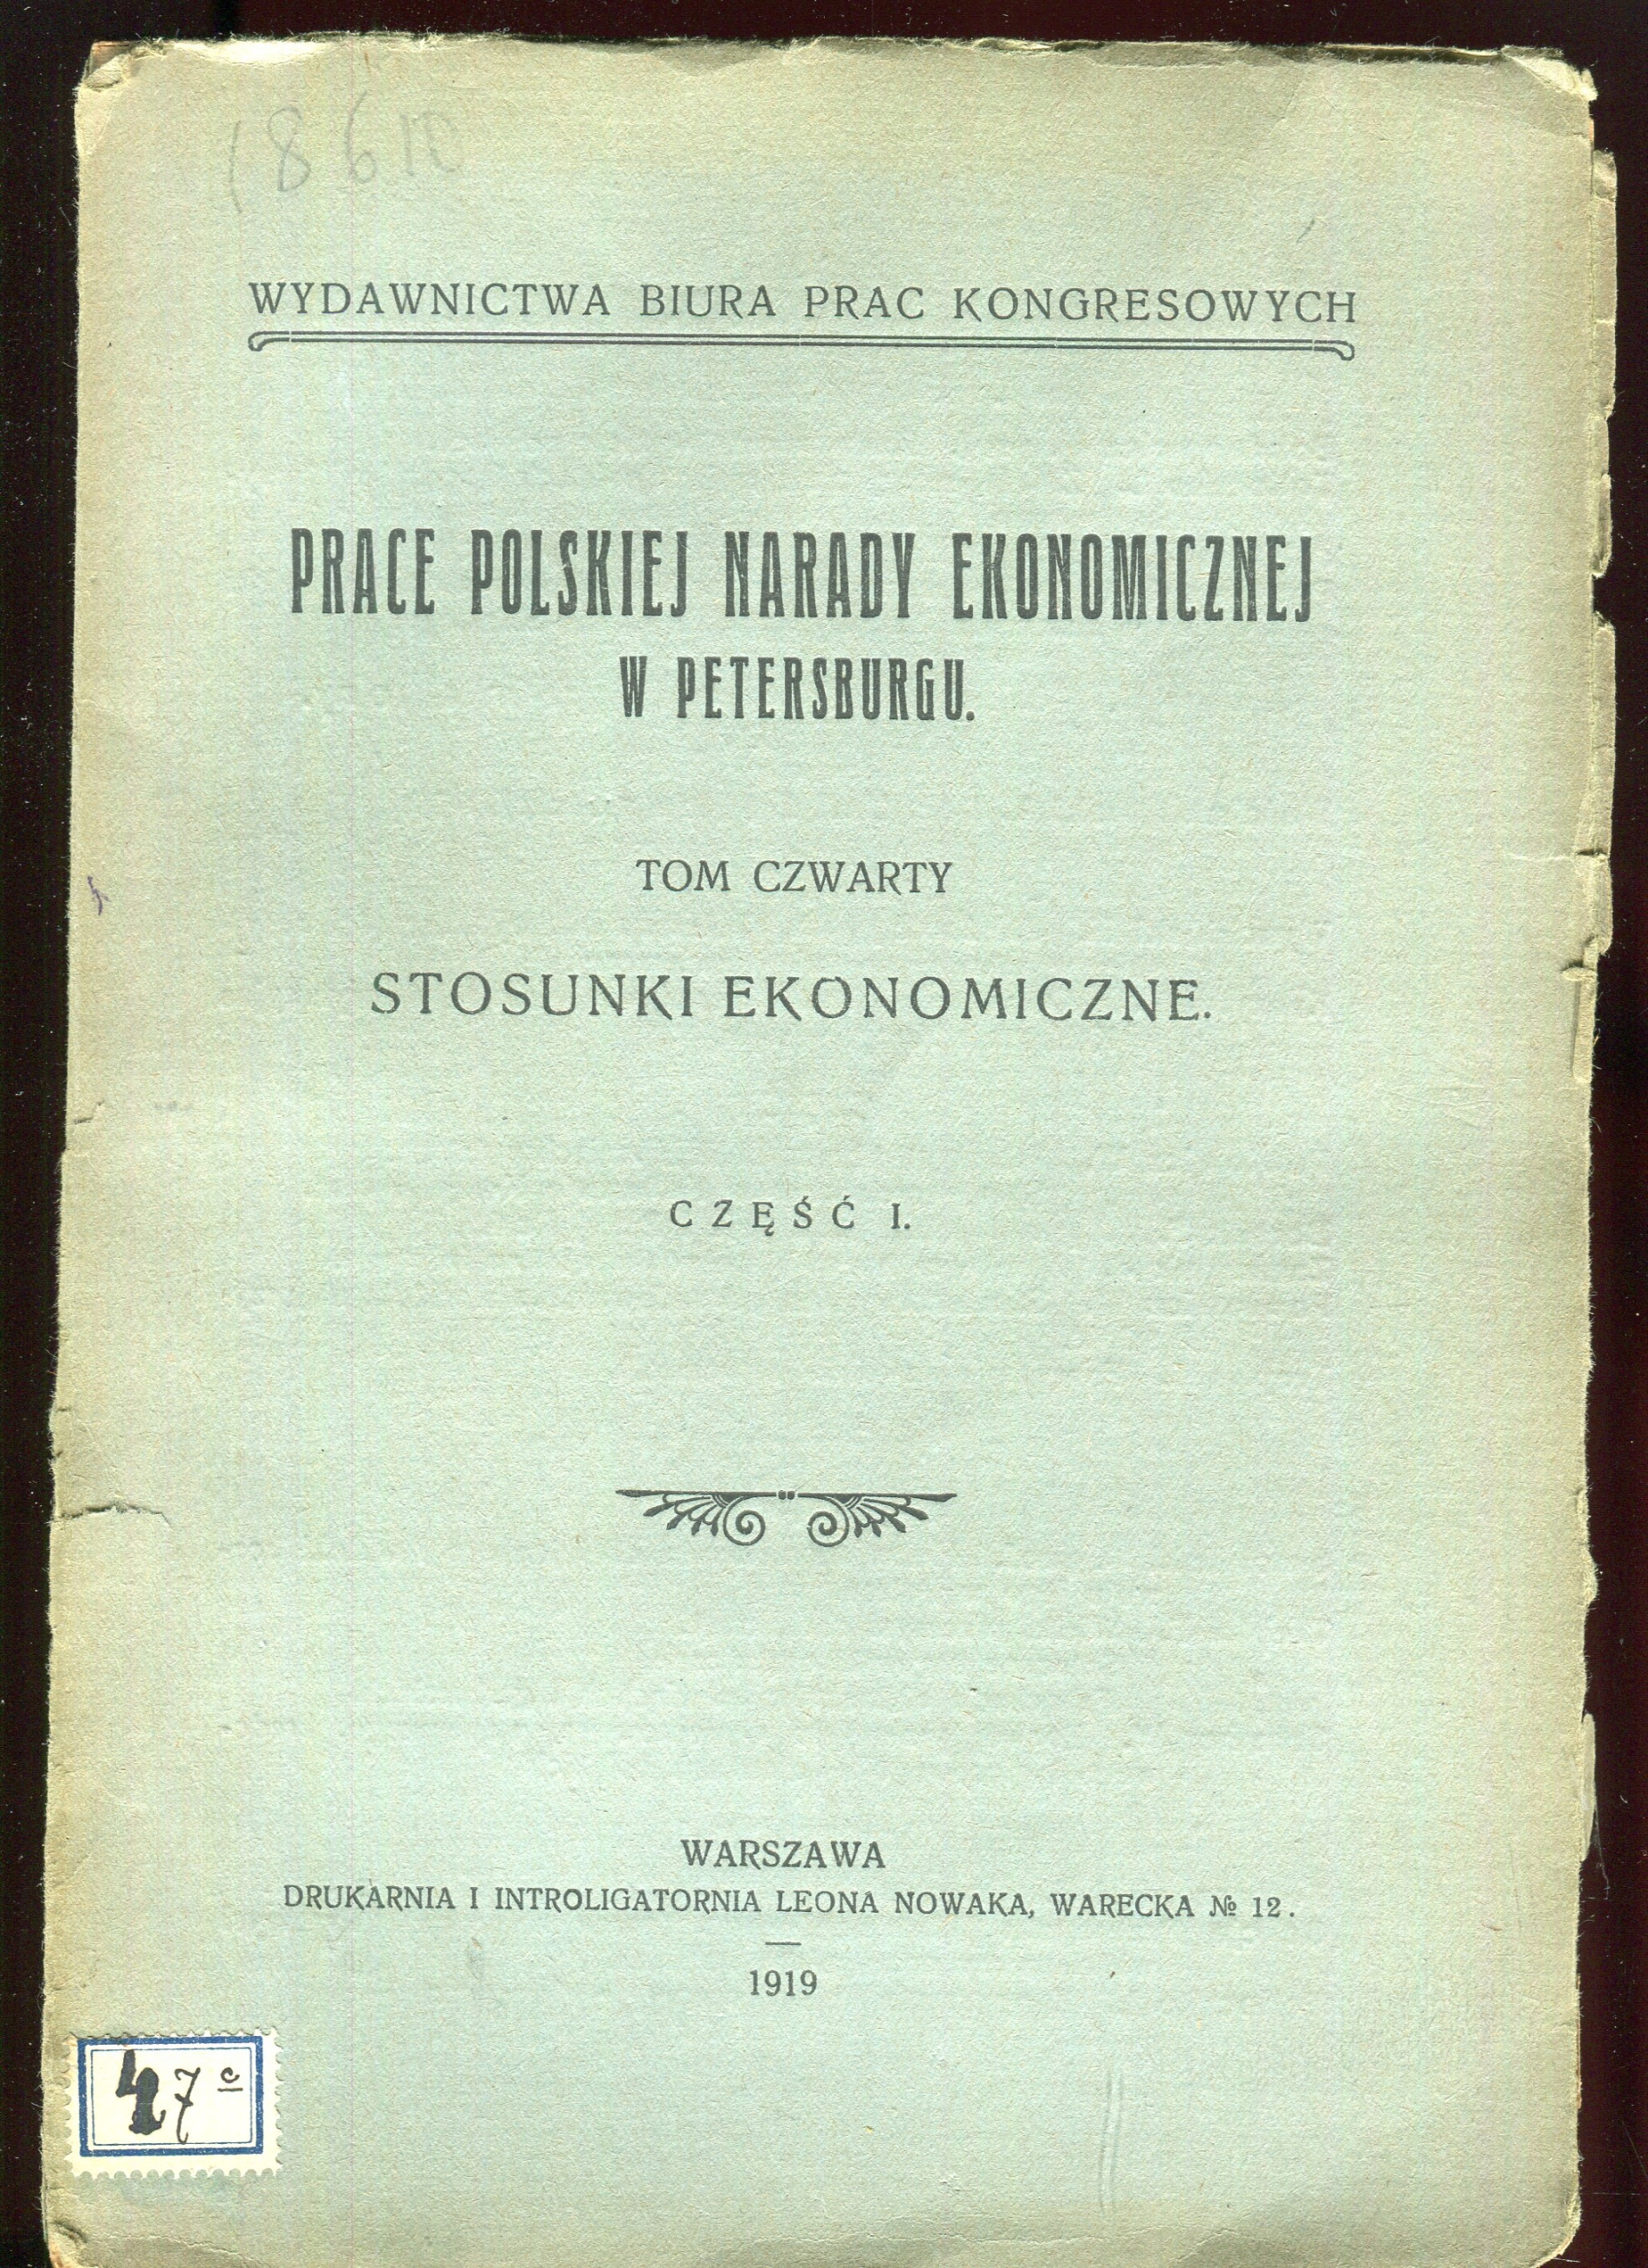 Prace polskiej narady ekonomicznej w Petersburgu